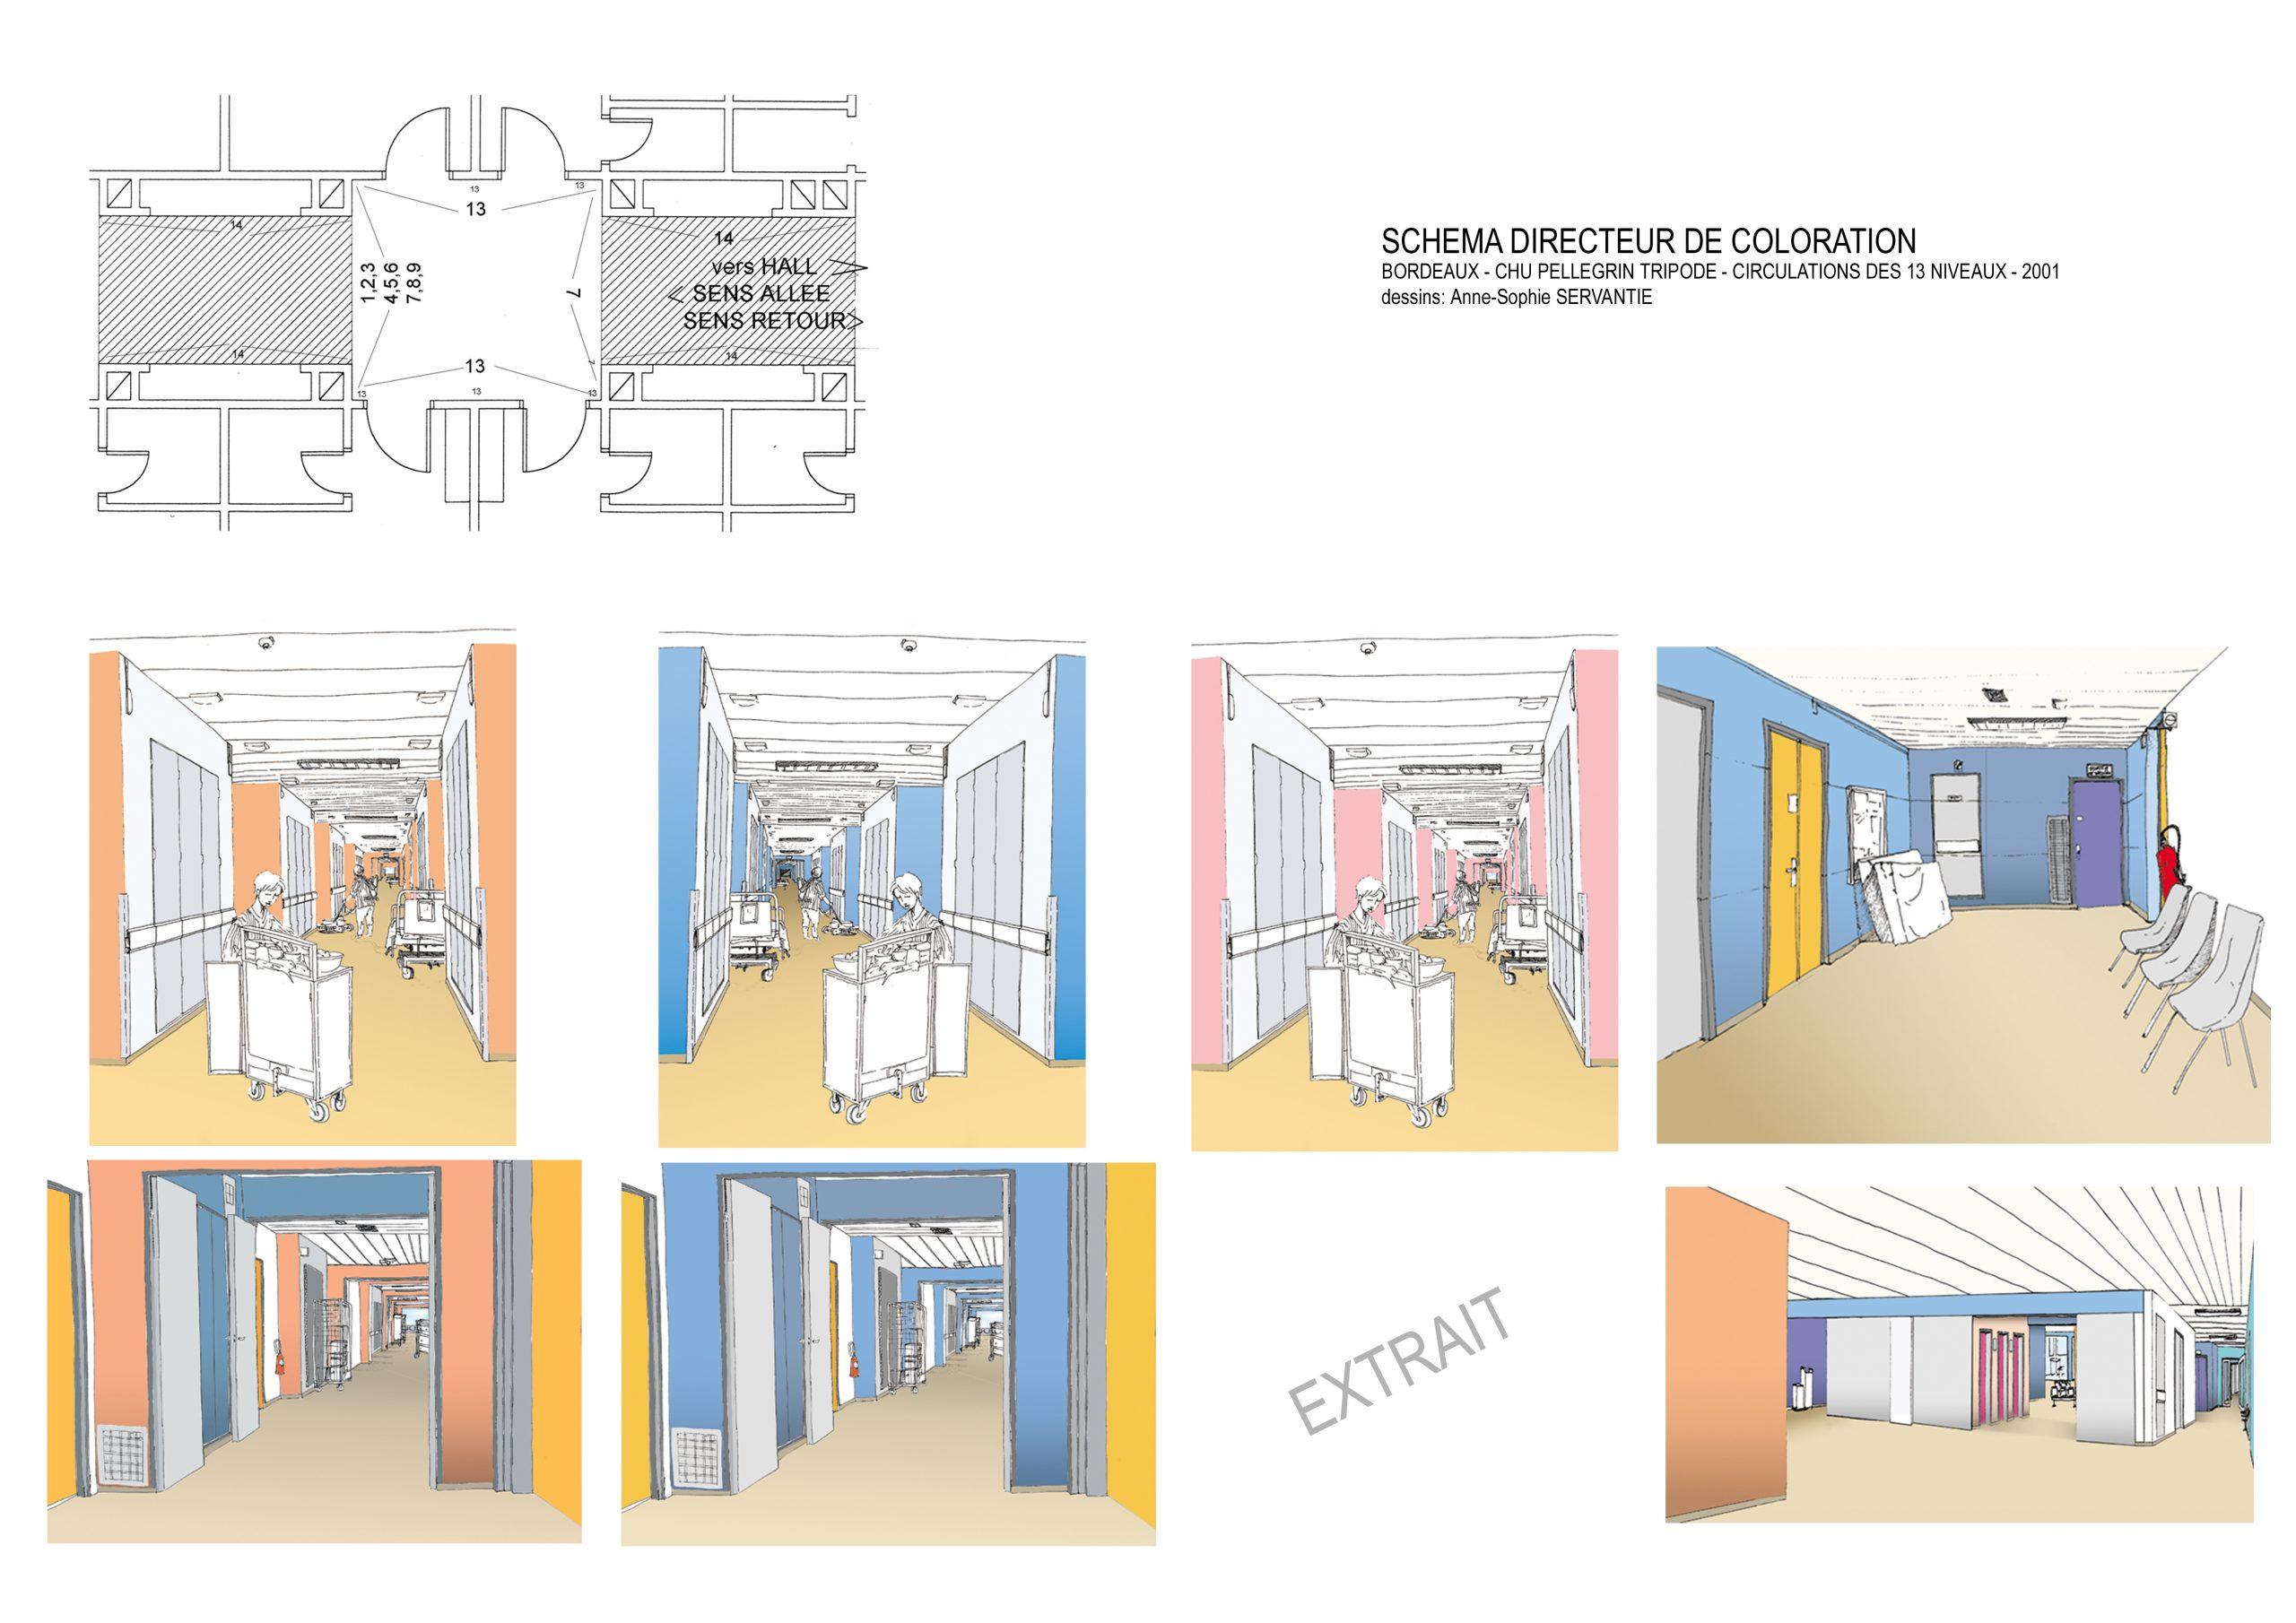 CHU Bordeaux Pellegrin-Schéma directeur de coloration